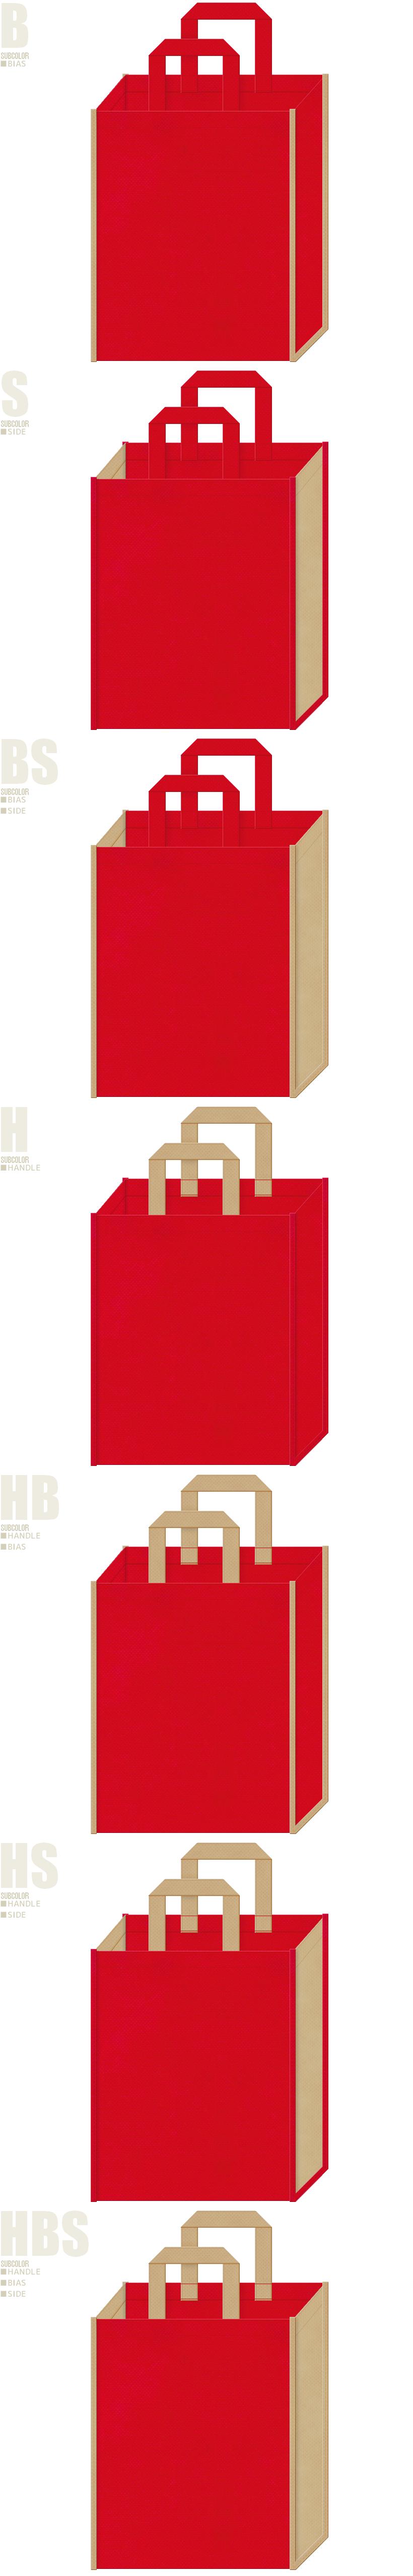 不織布トートバッグのデザイン:紅色とカーキ色のコーデ